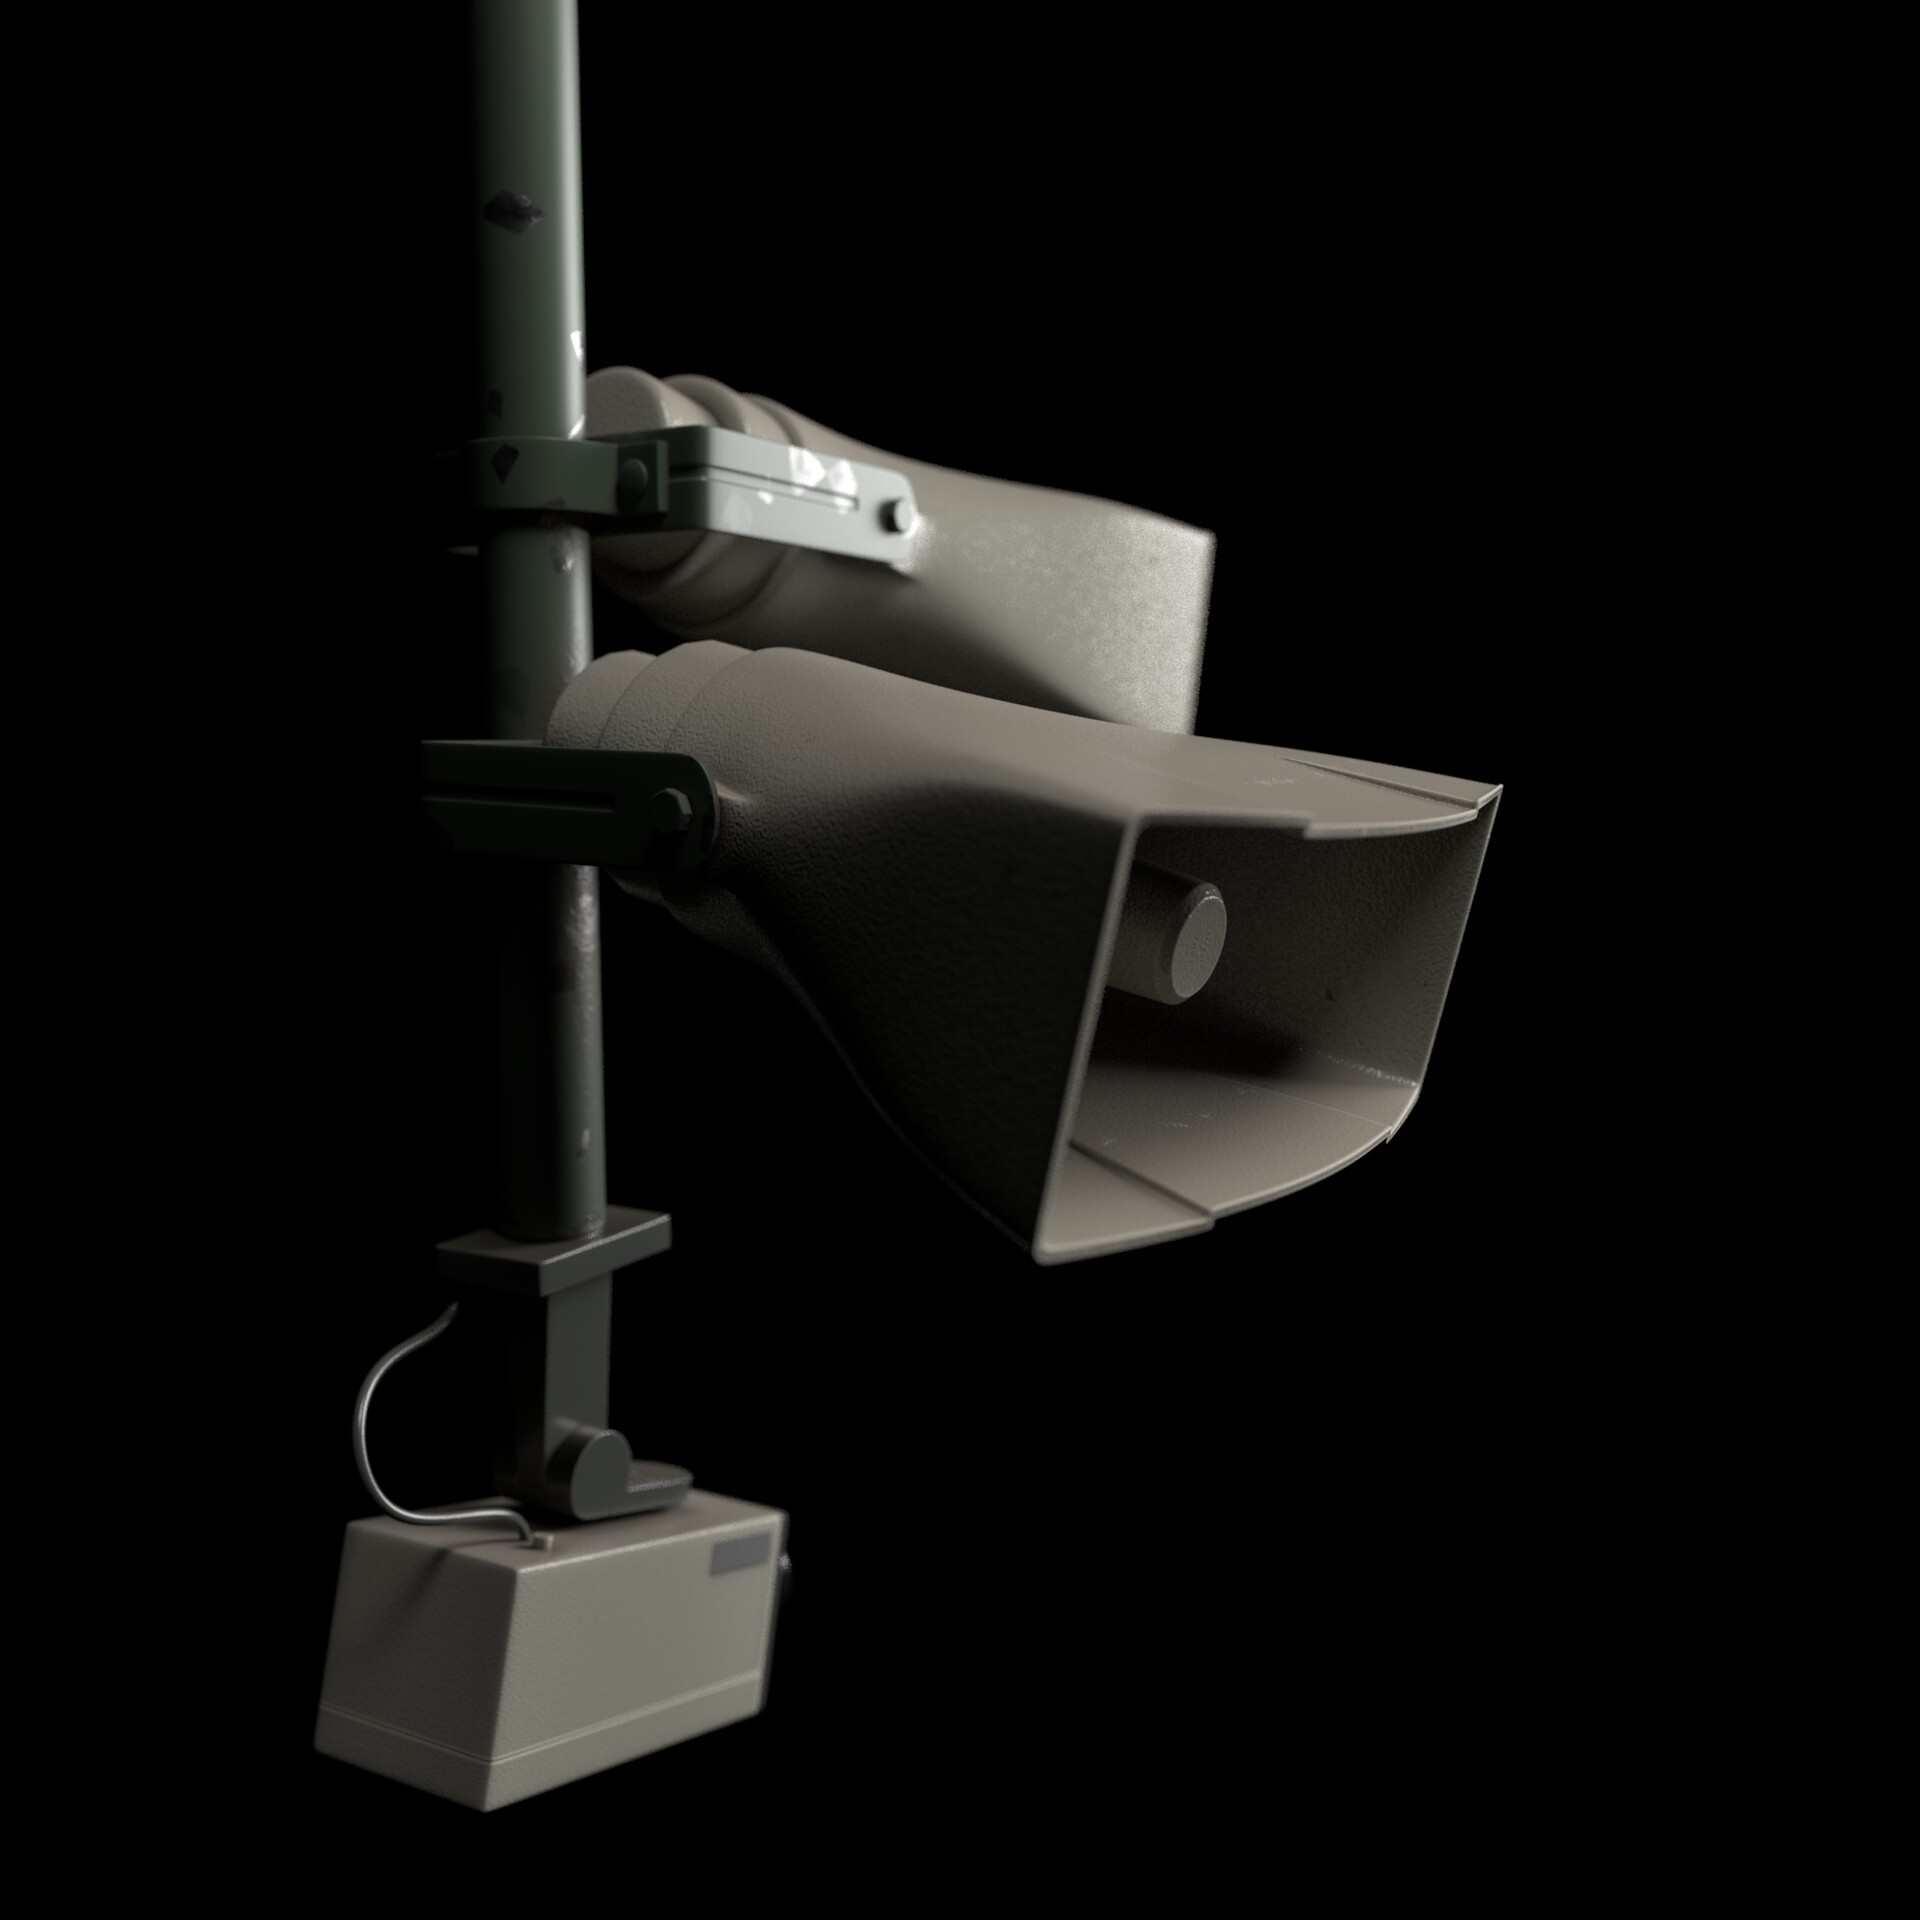 Darko mitev camera and speakers05